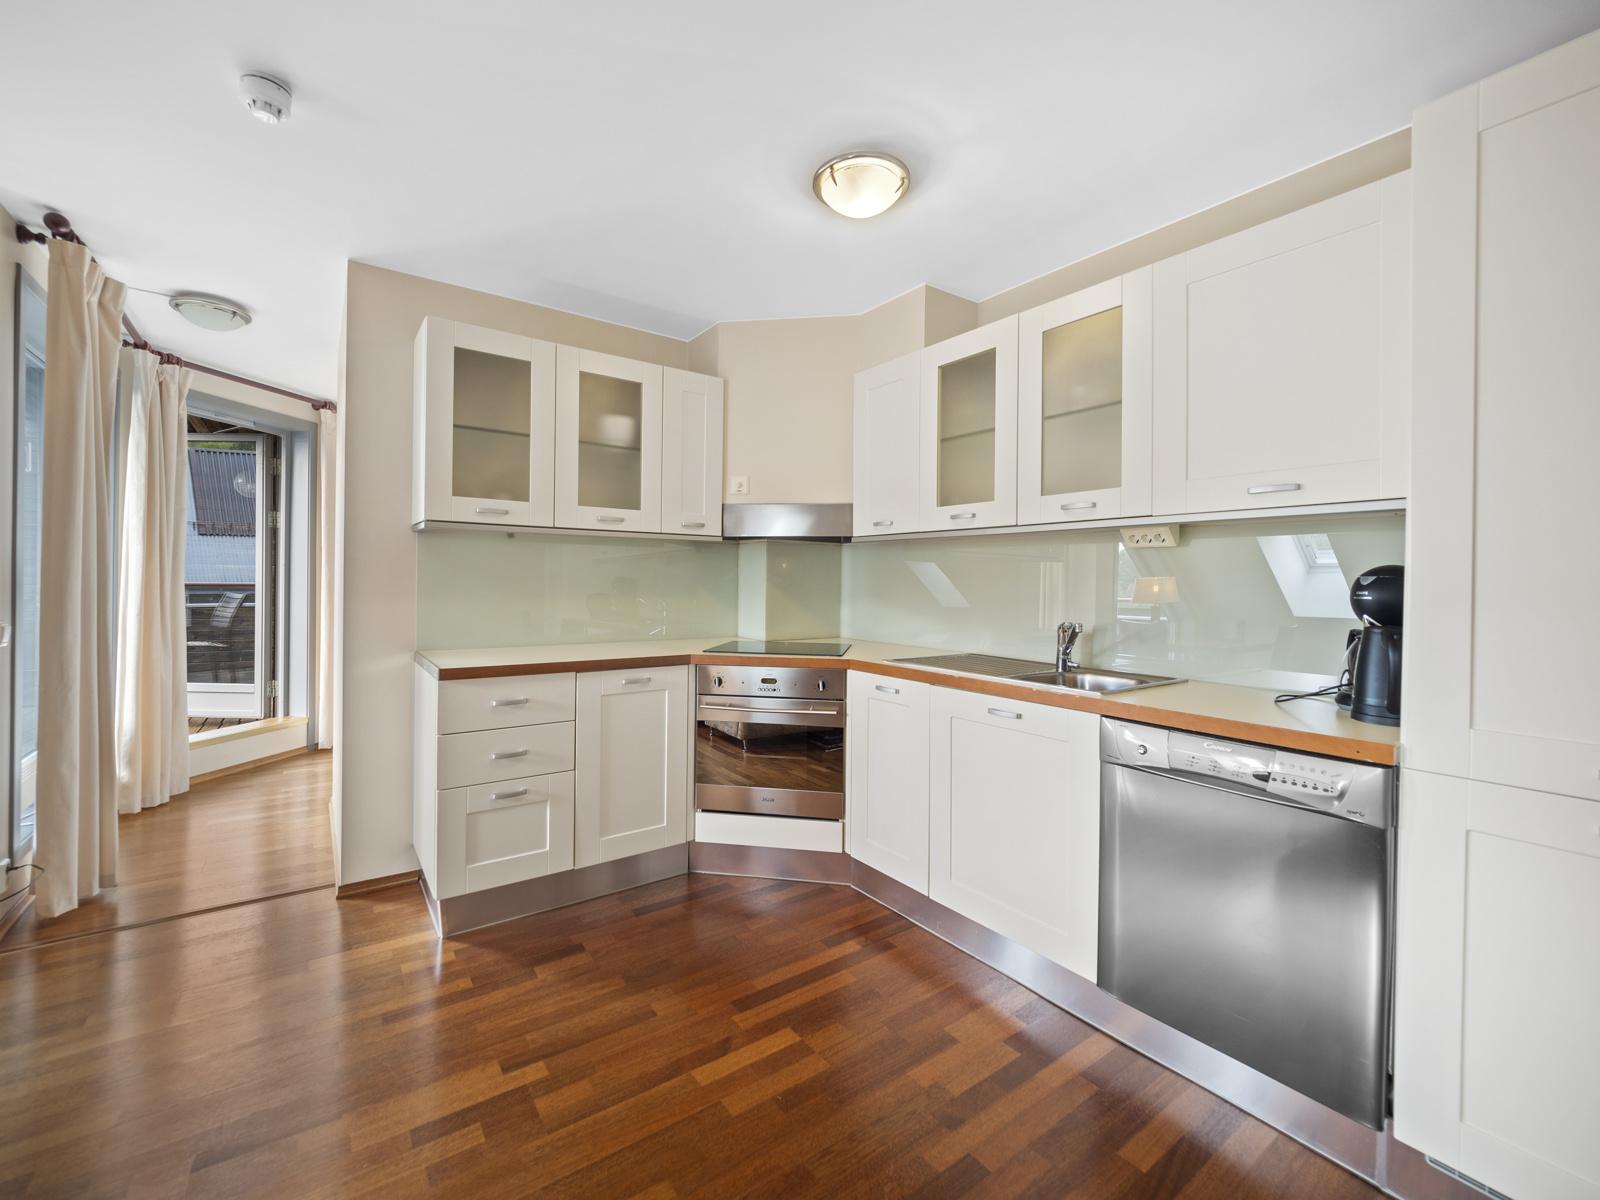 Kjøkken i åpen løsning mot stue - Integrerte hvitevarer som stekeovn, platetopp pg kjøl/frys